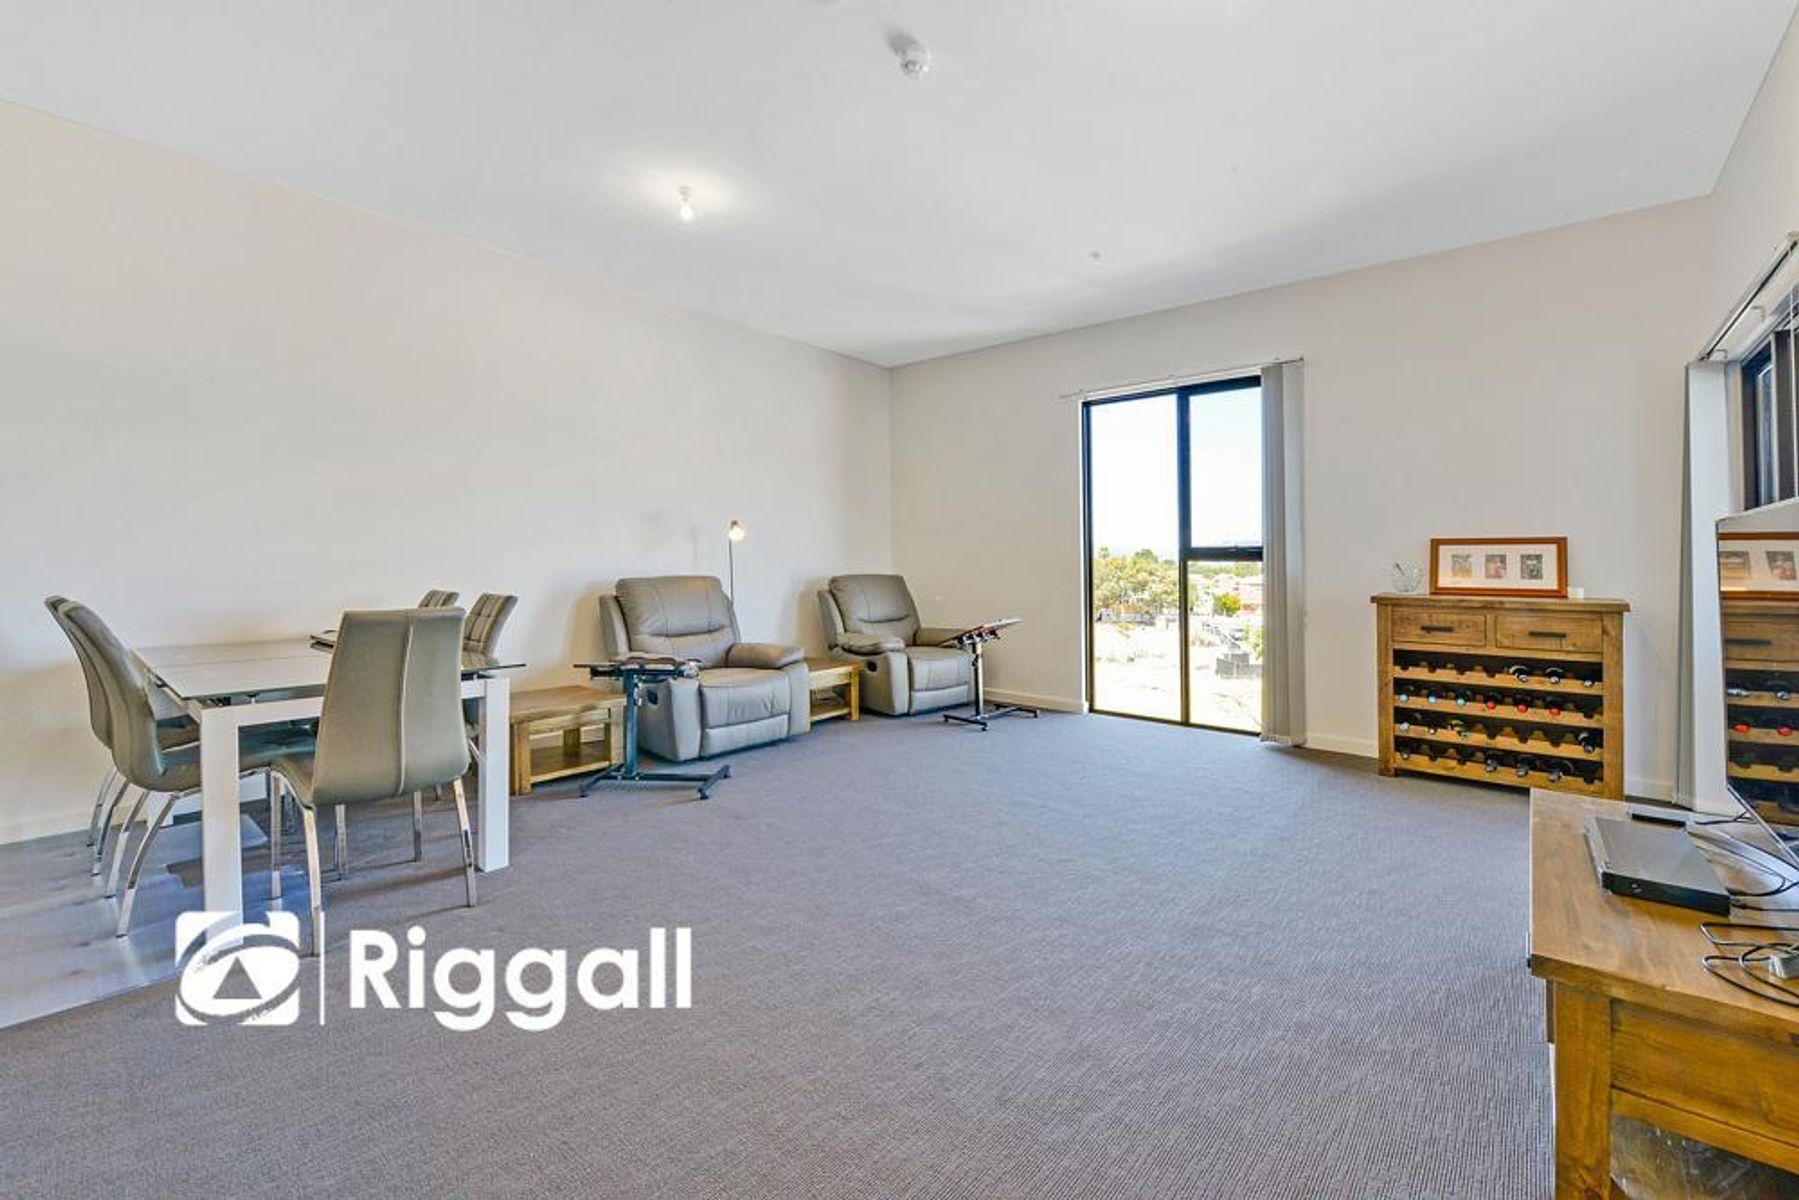 14/30 Light Terrace, Lightsview, SA 5085